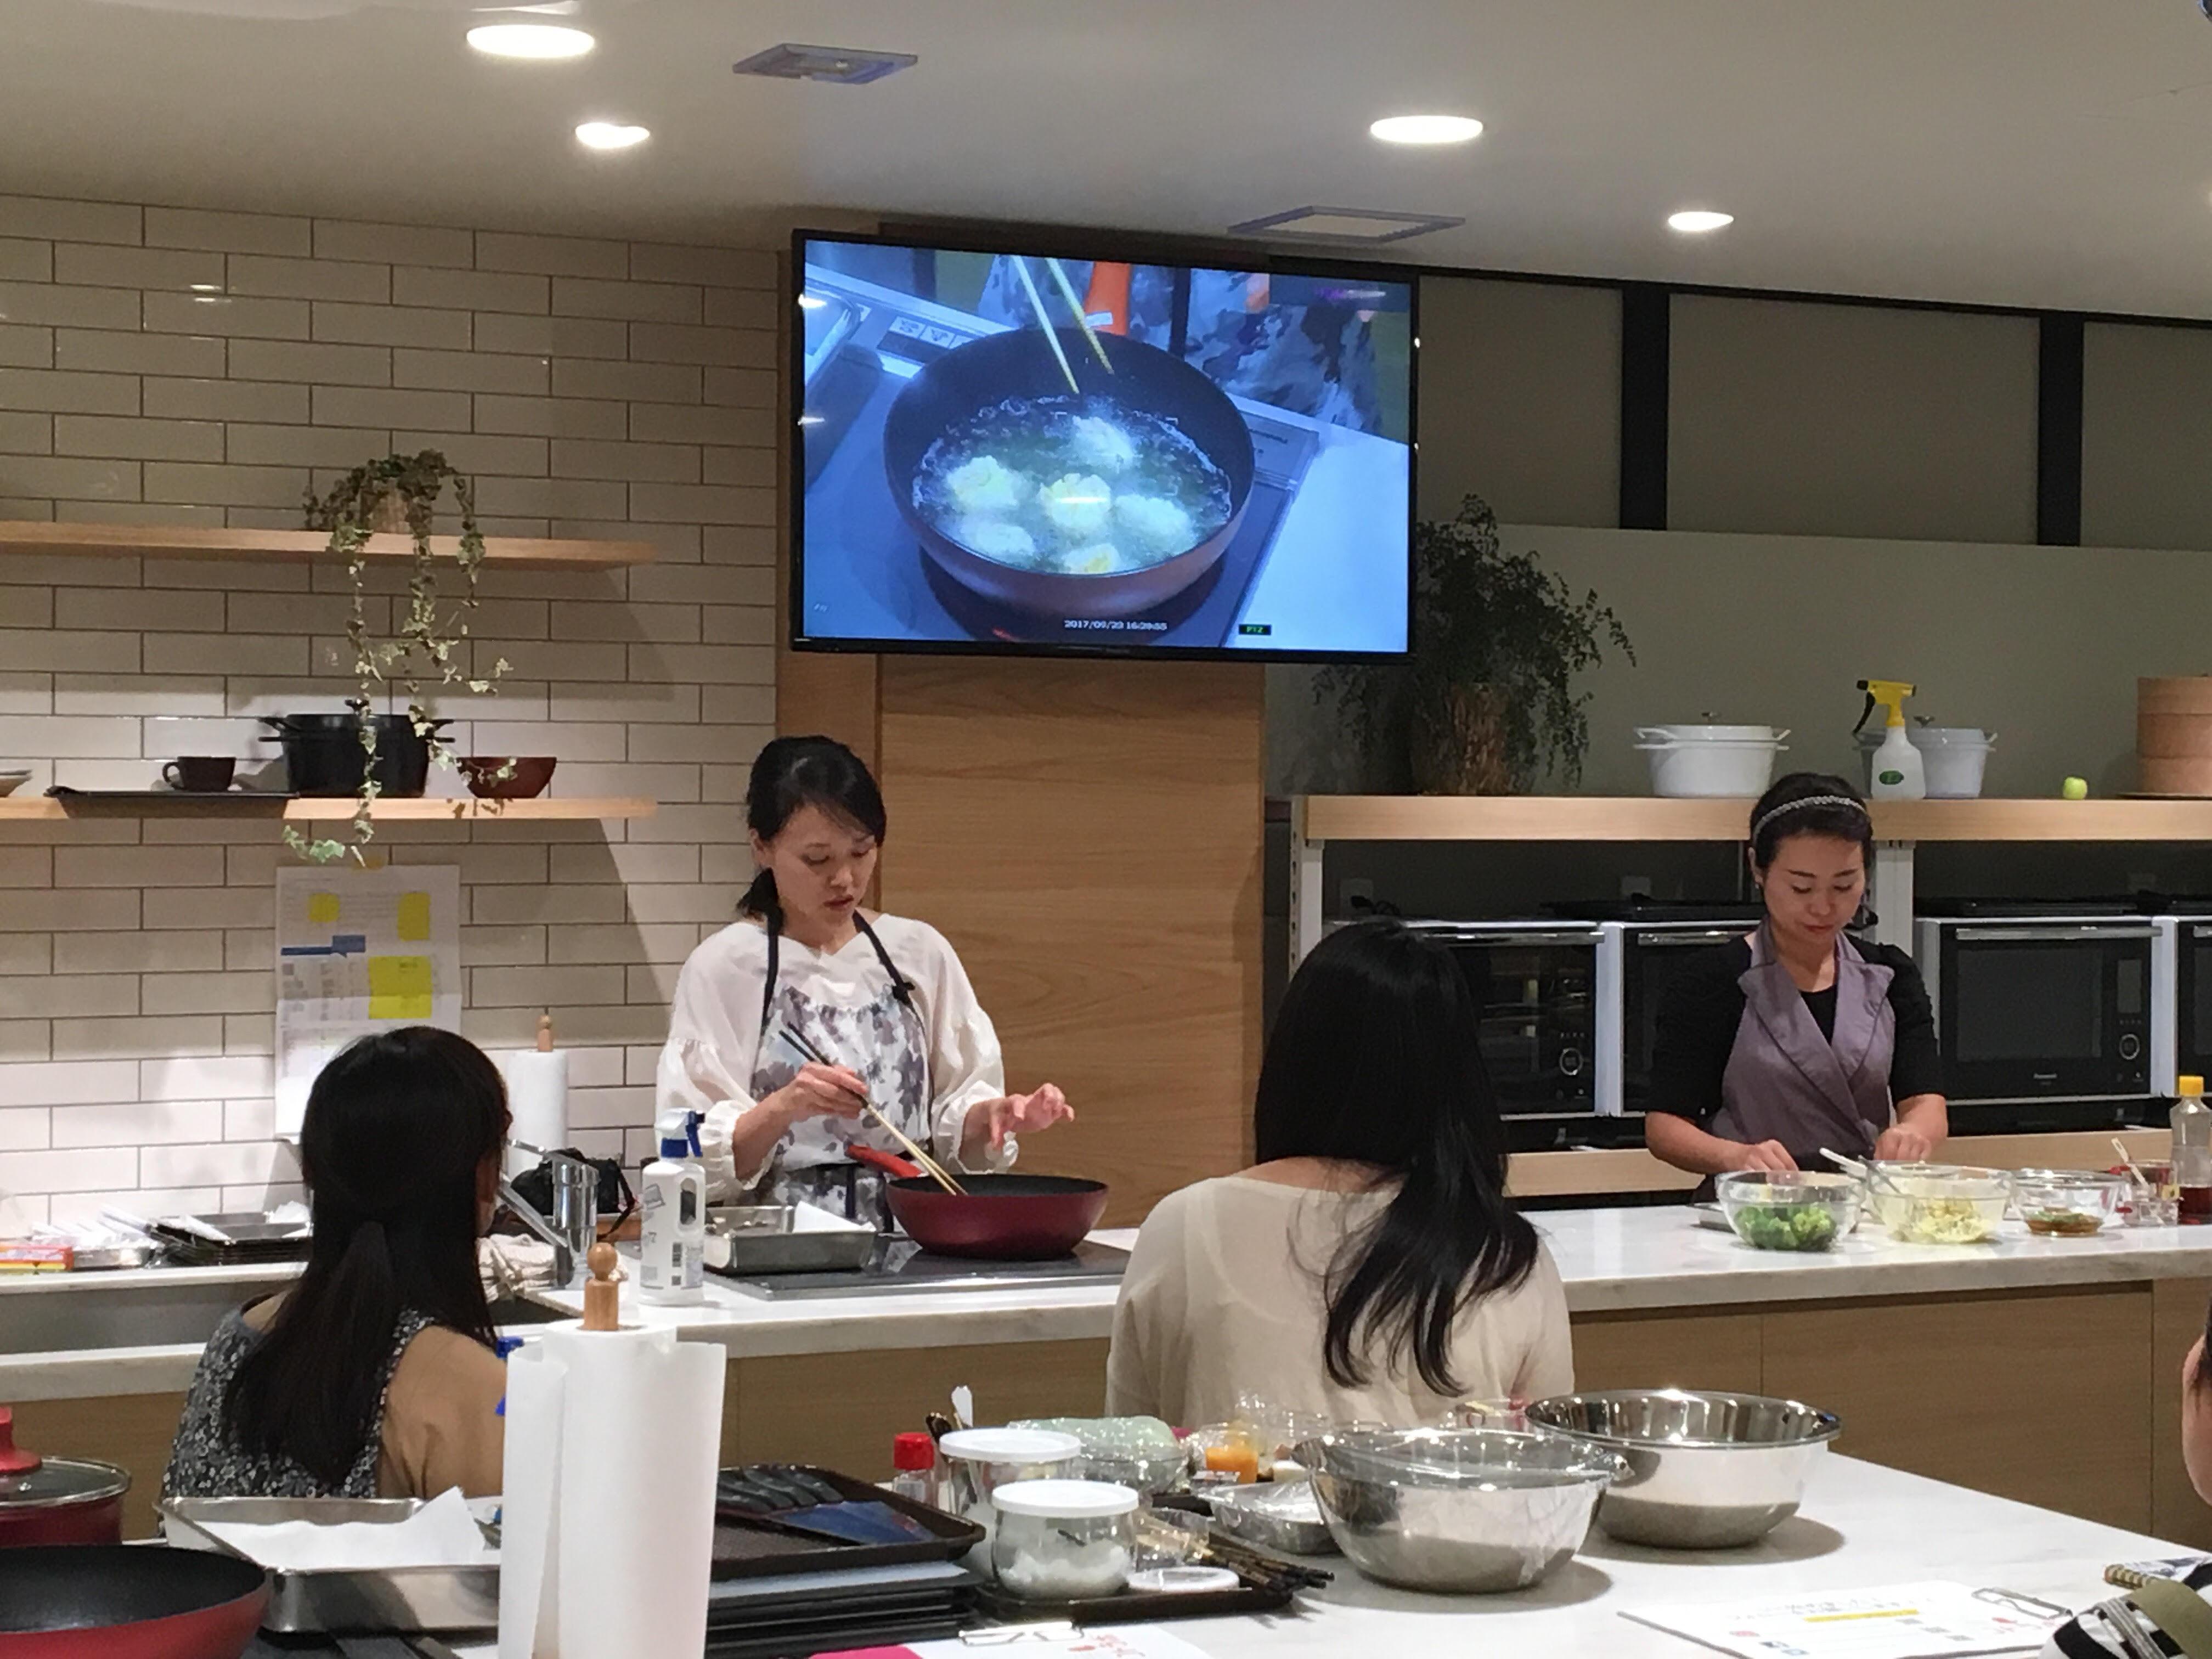 栁川かおり:9/24開催の コトラボ料理教室にて講師